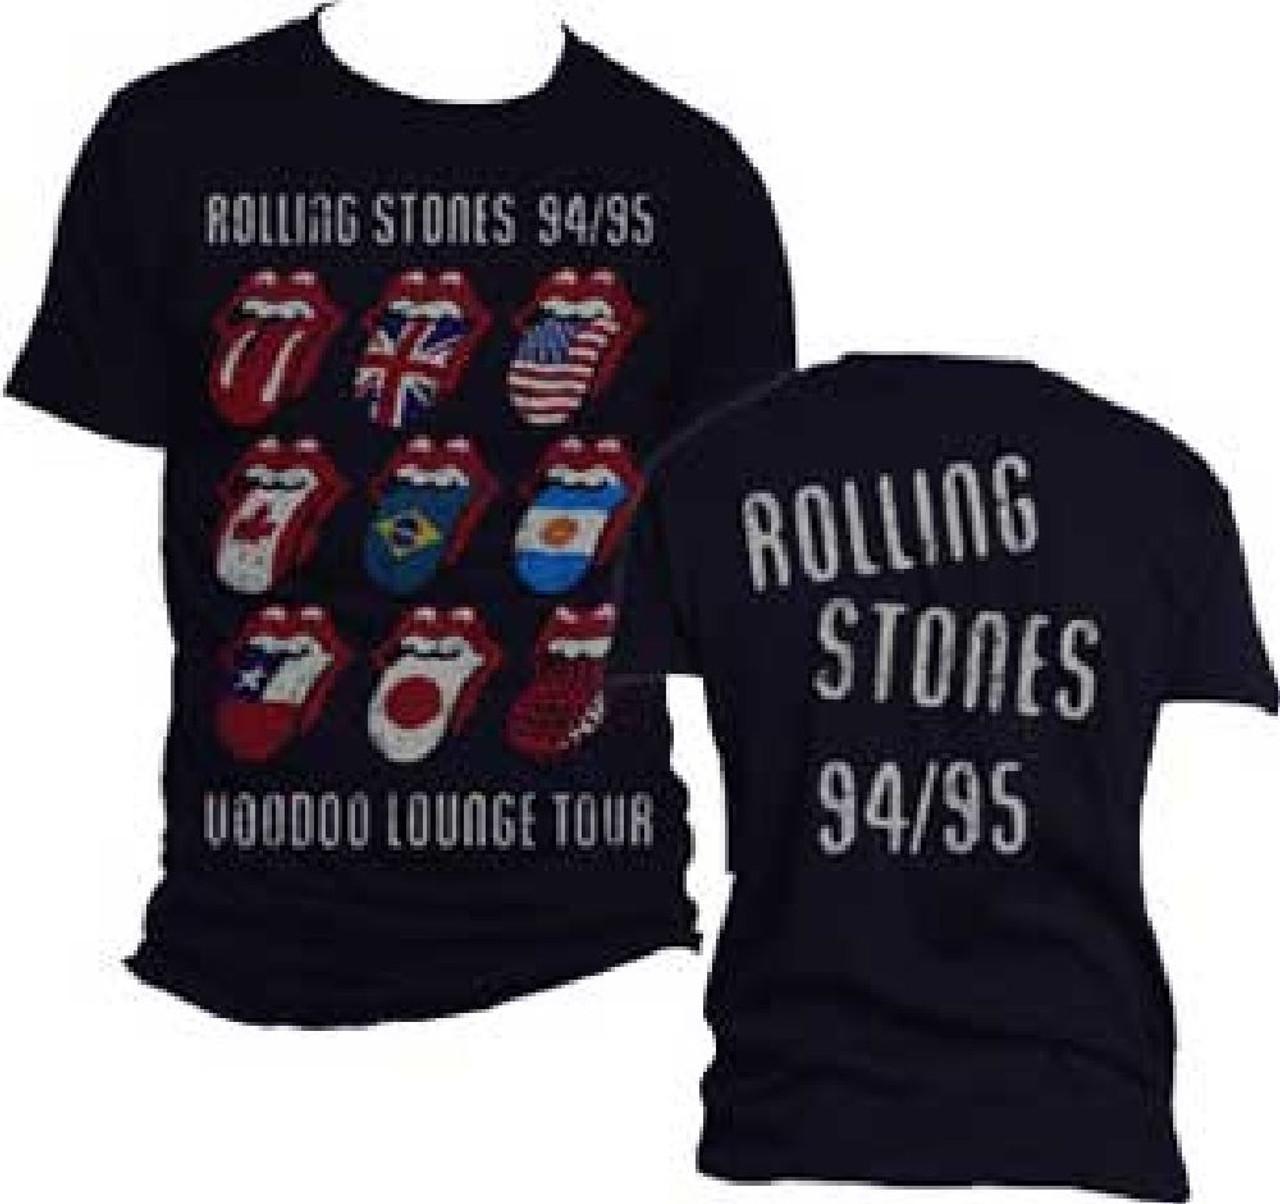 9f3c9d46416d1 Rolling Stones Vintage Concert T-shirt - Voodoo Lounge Tour 1994-1995